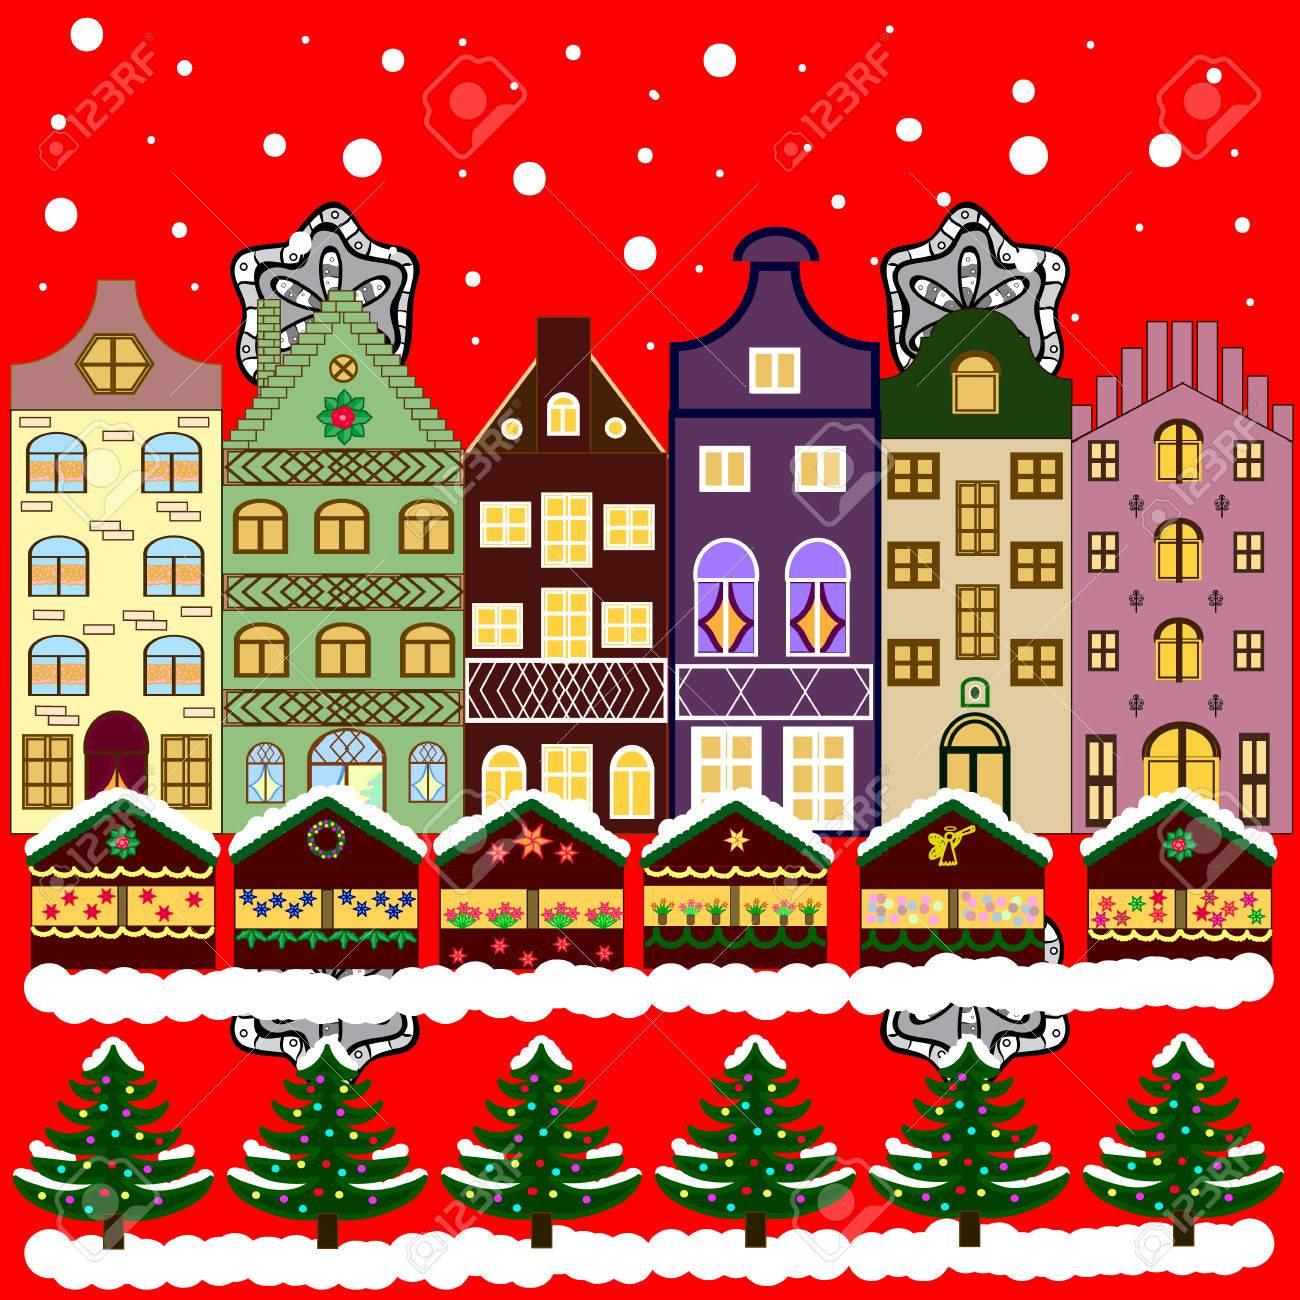 Foto Carine Di Natale.Citta Carina Vigilia Di Natale Paesaggio Di Natura Invernale Vettore Paesaggio Urbano Inverno In Citta Abeti Natalizi Eps 10 Biglietto Di